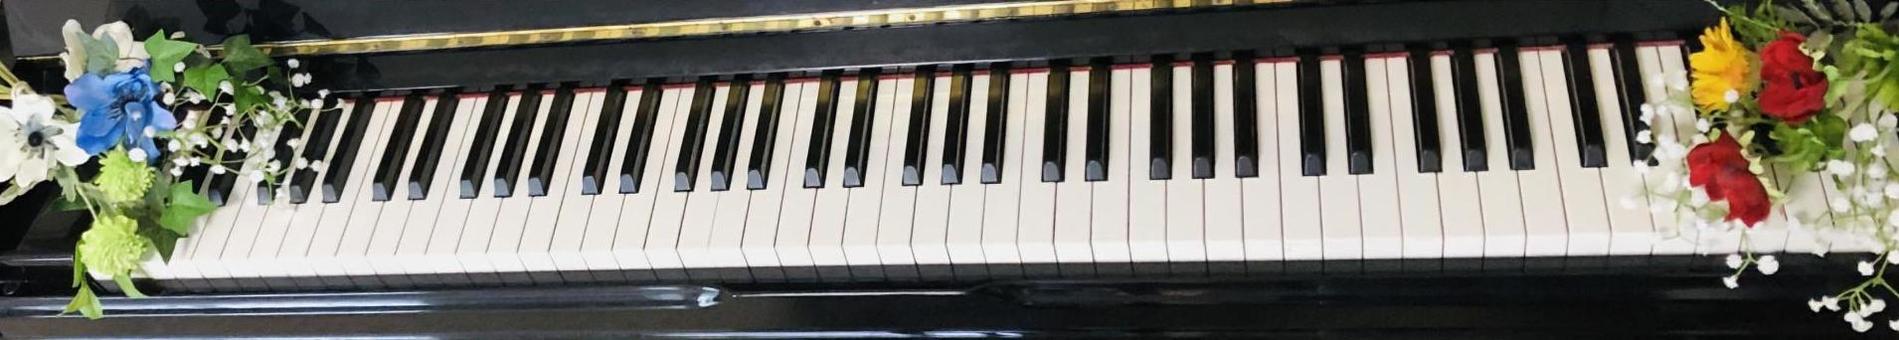 Line flower keyboard piano